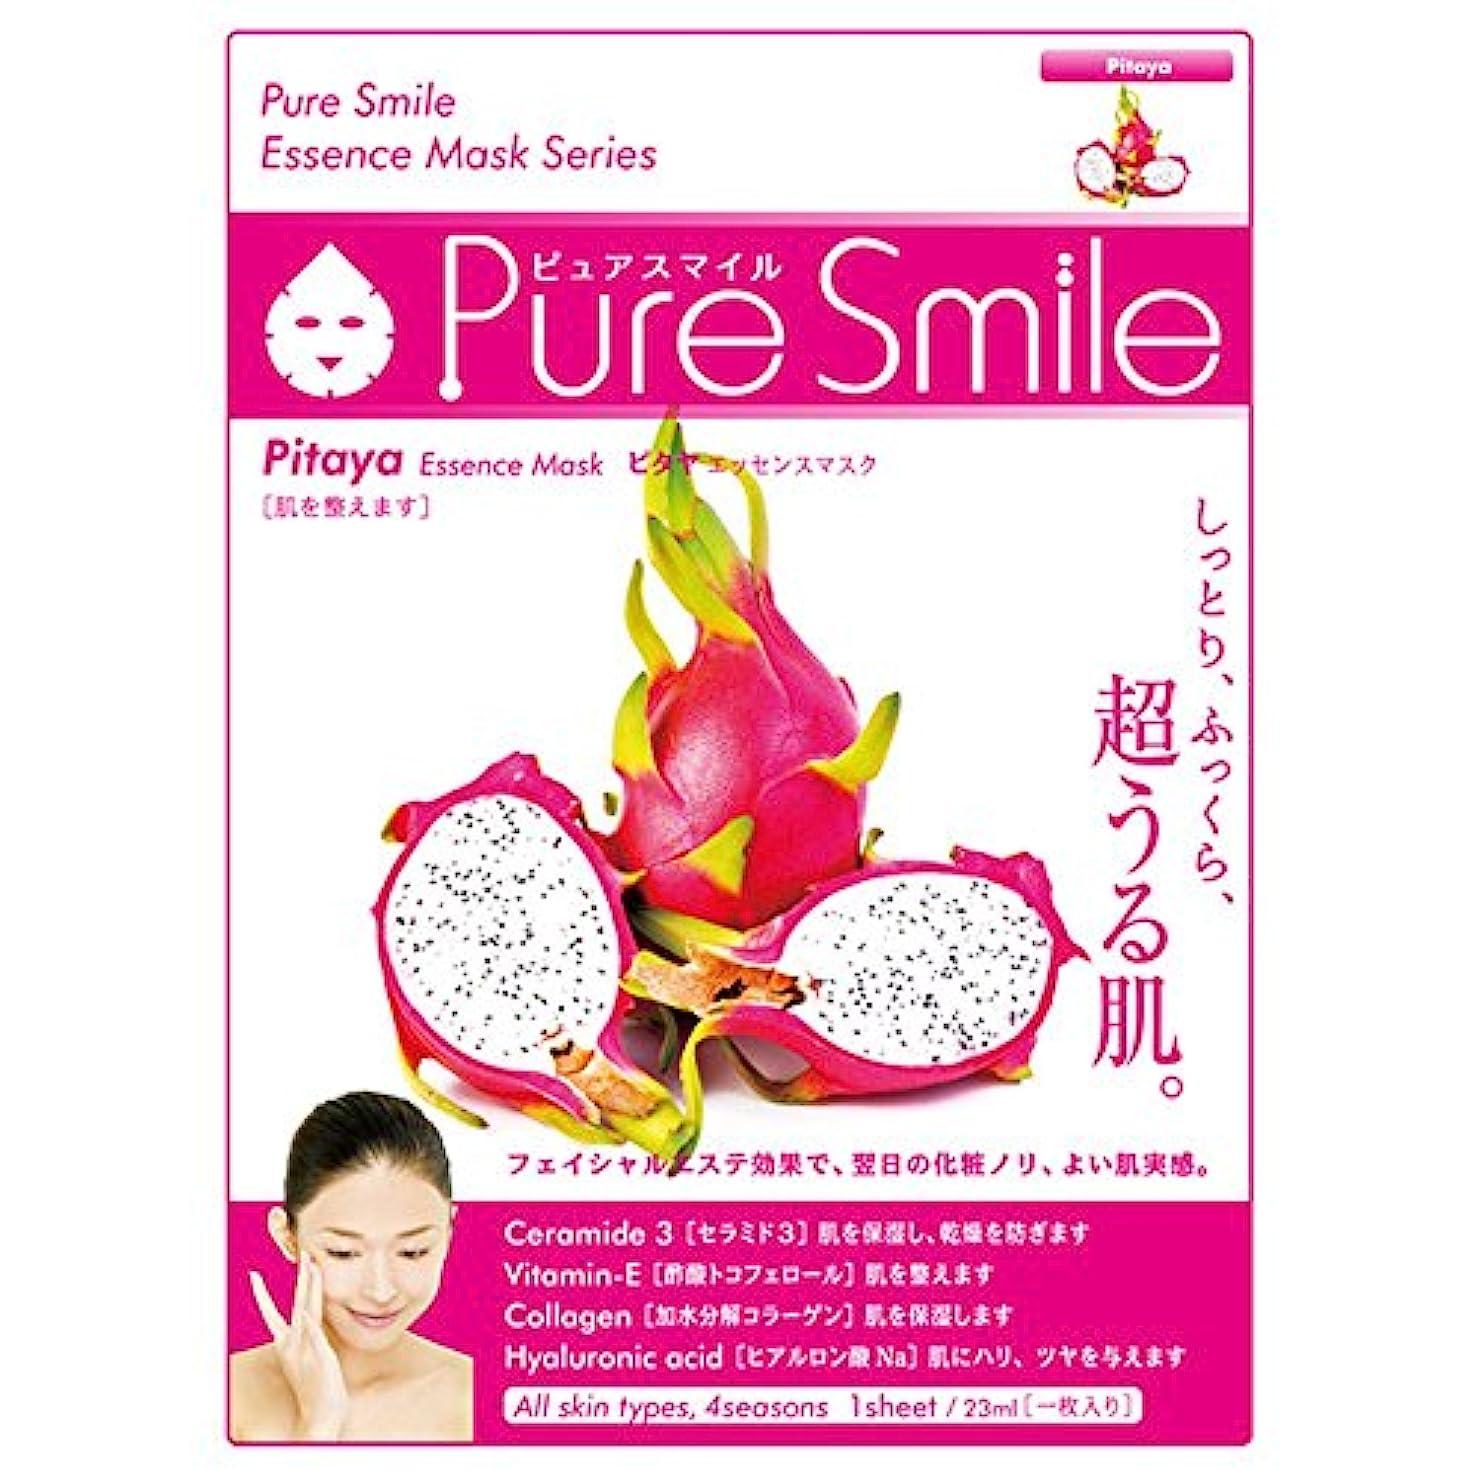 恥ずかしさ墓地メンダシティPure Smile/ピュアスマイル エッセンス/フェイスマスク 『Pitaya/ピタヤ(ドラゴンフルーツ)』